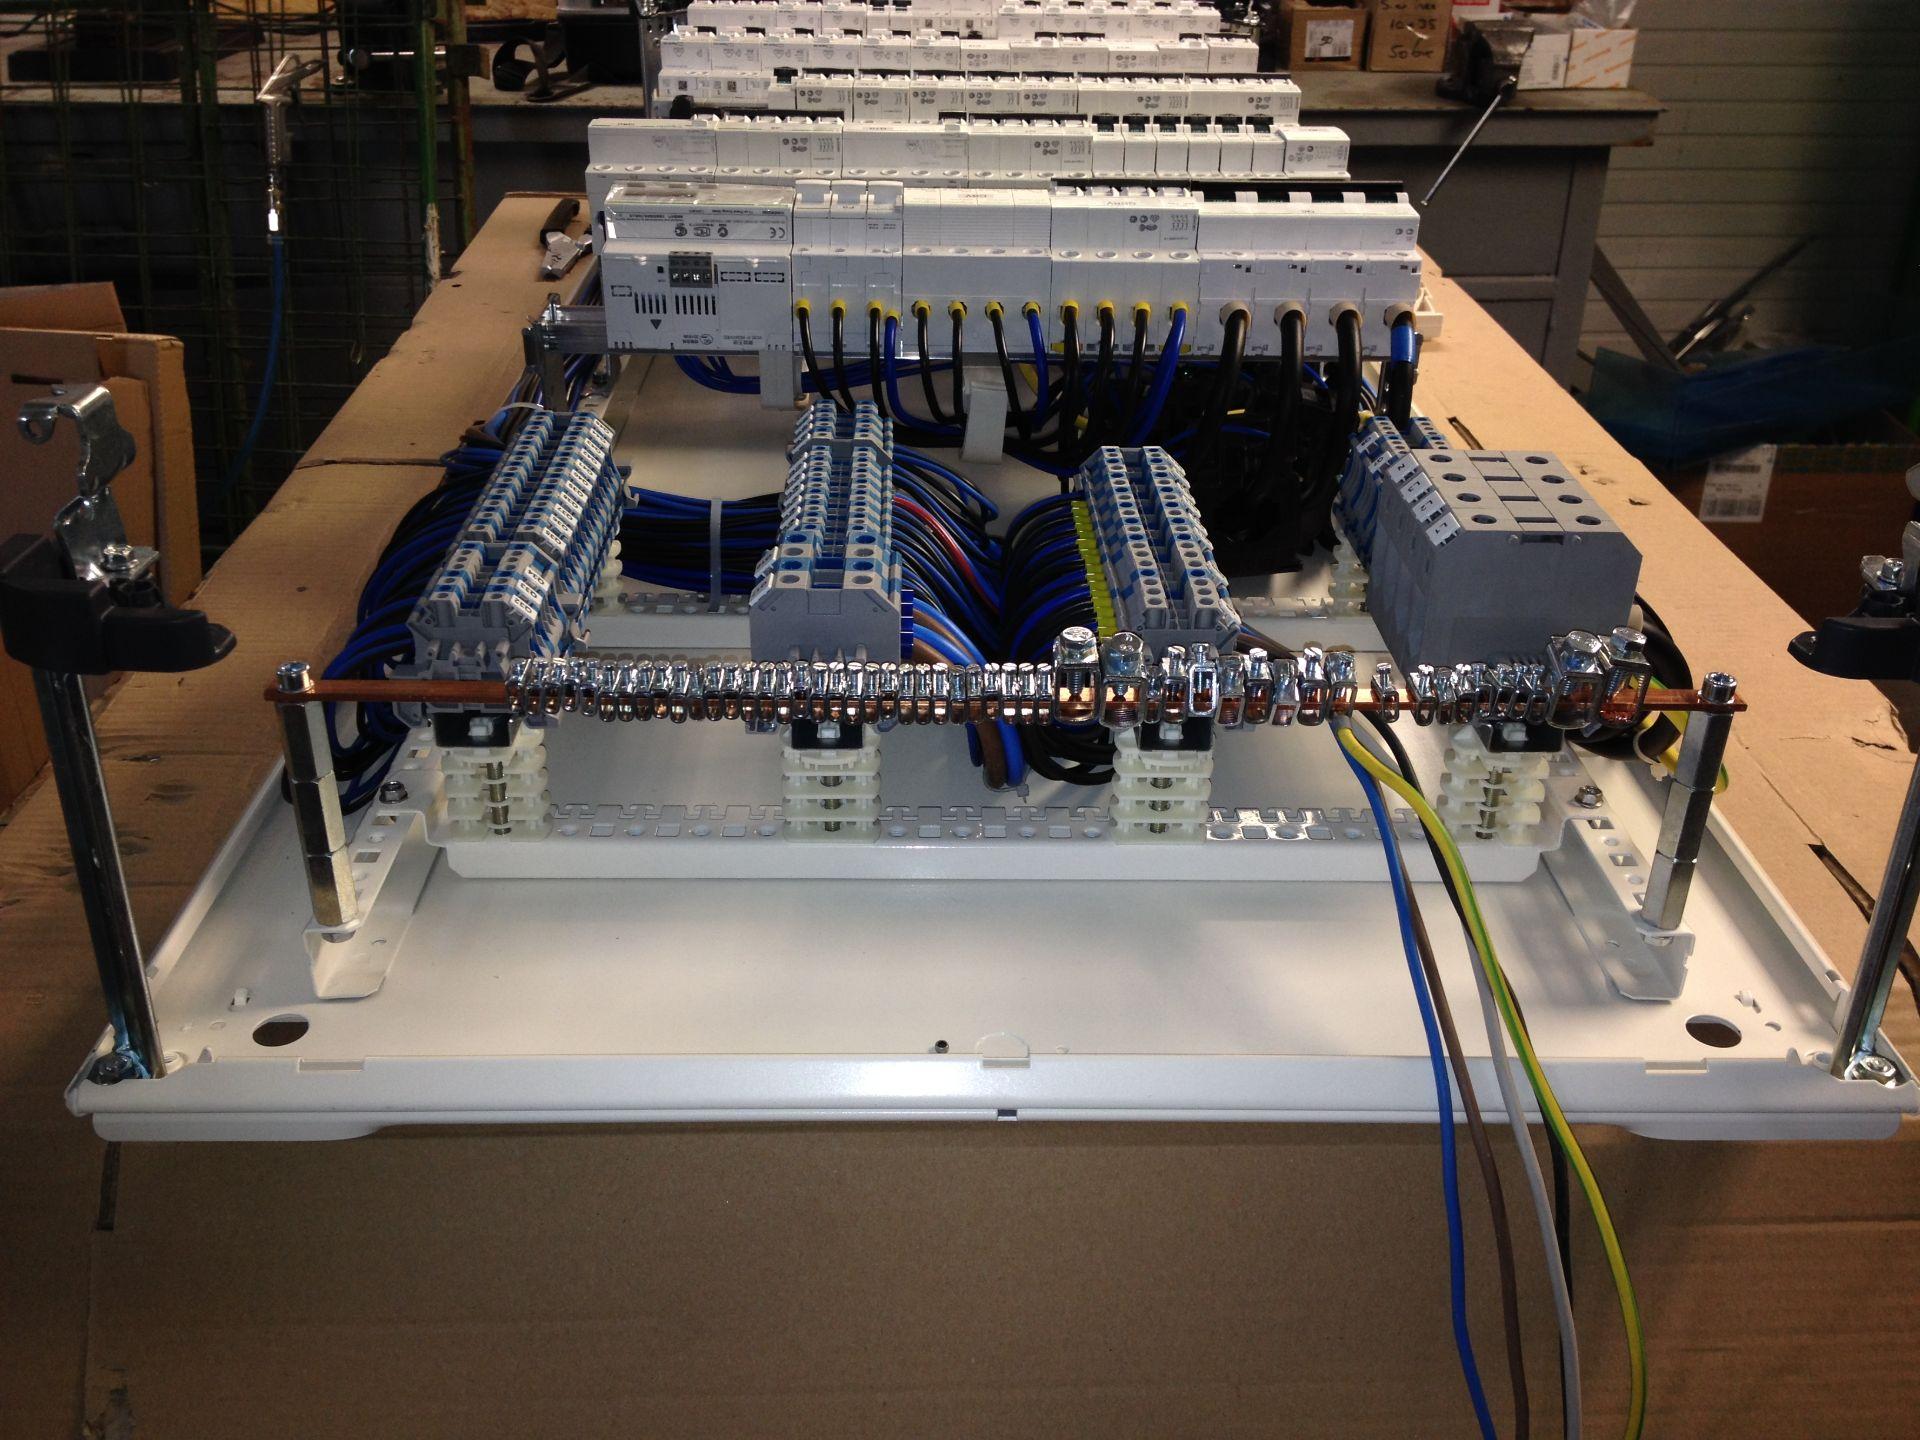 Tablouri electrice și automatizări IMG 1329